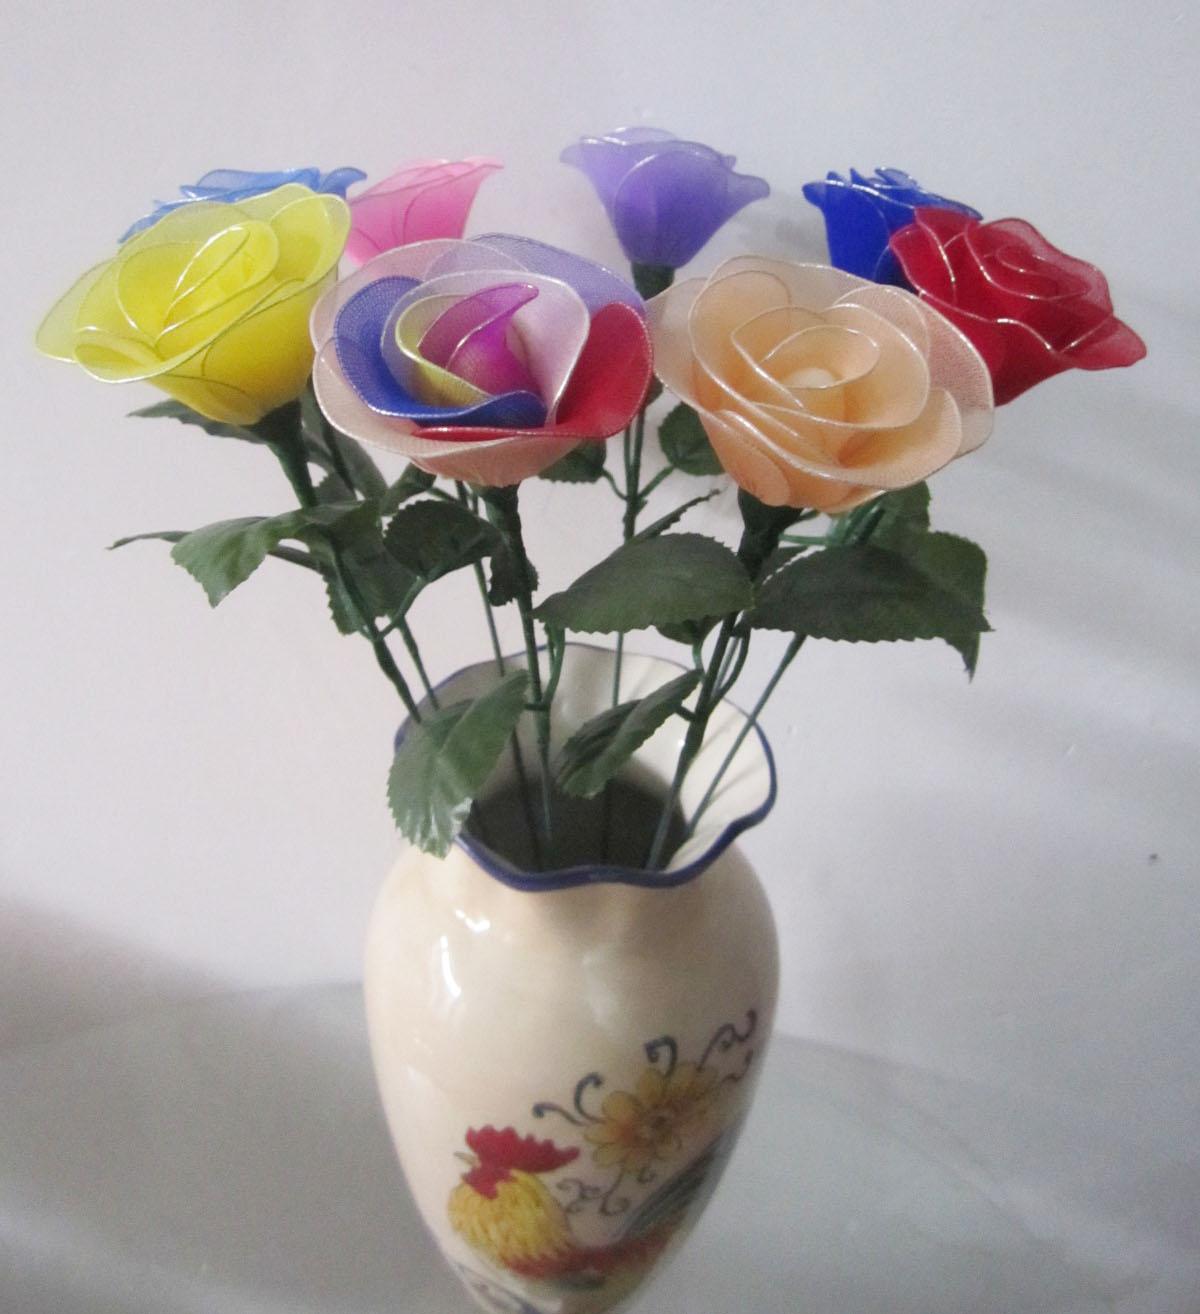 丝网花玫瑰花的制作_丝网花玫瑰有几种做法 _排行榜大全